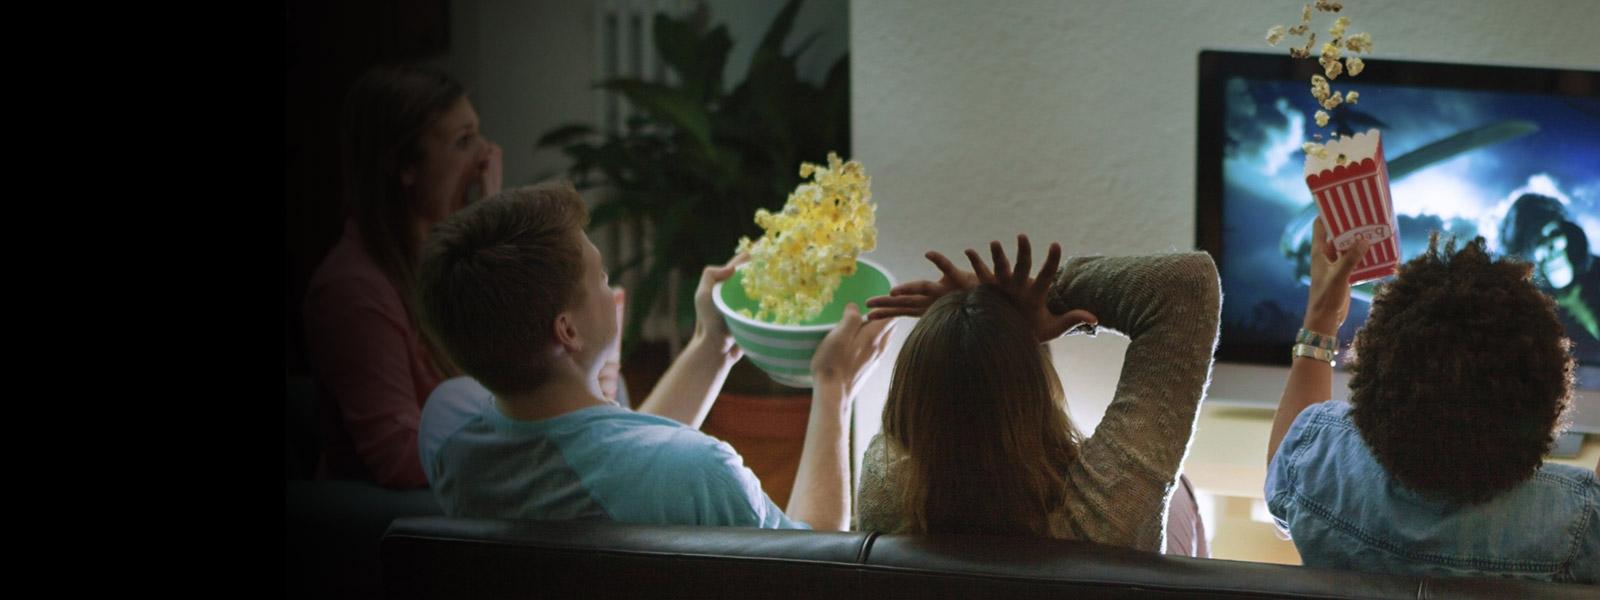 Mensen op de bank kijkend naar een film